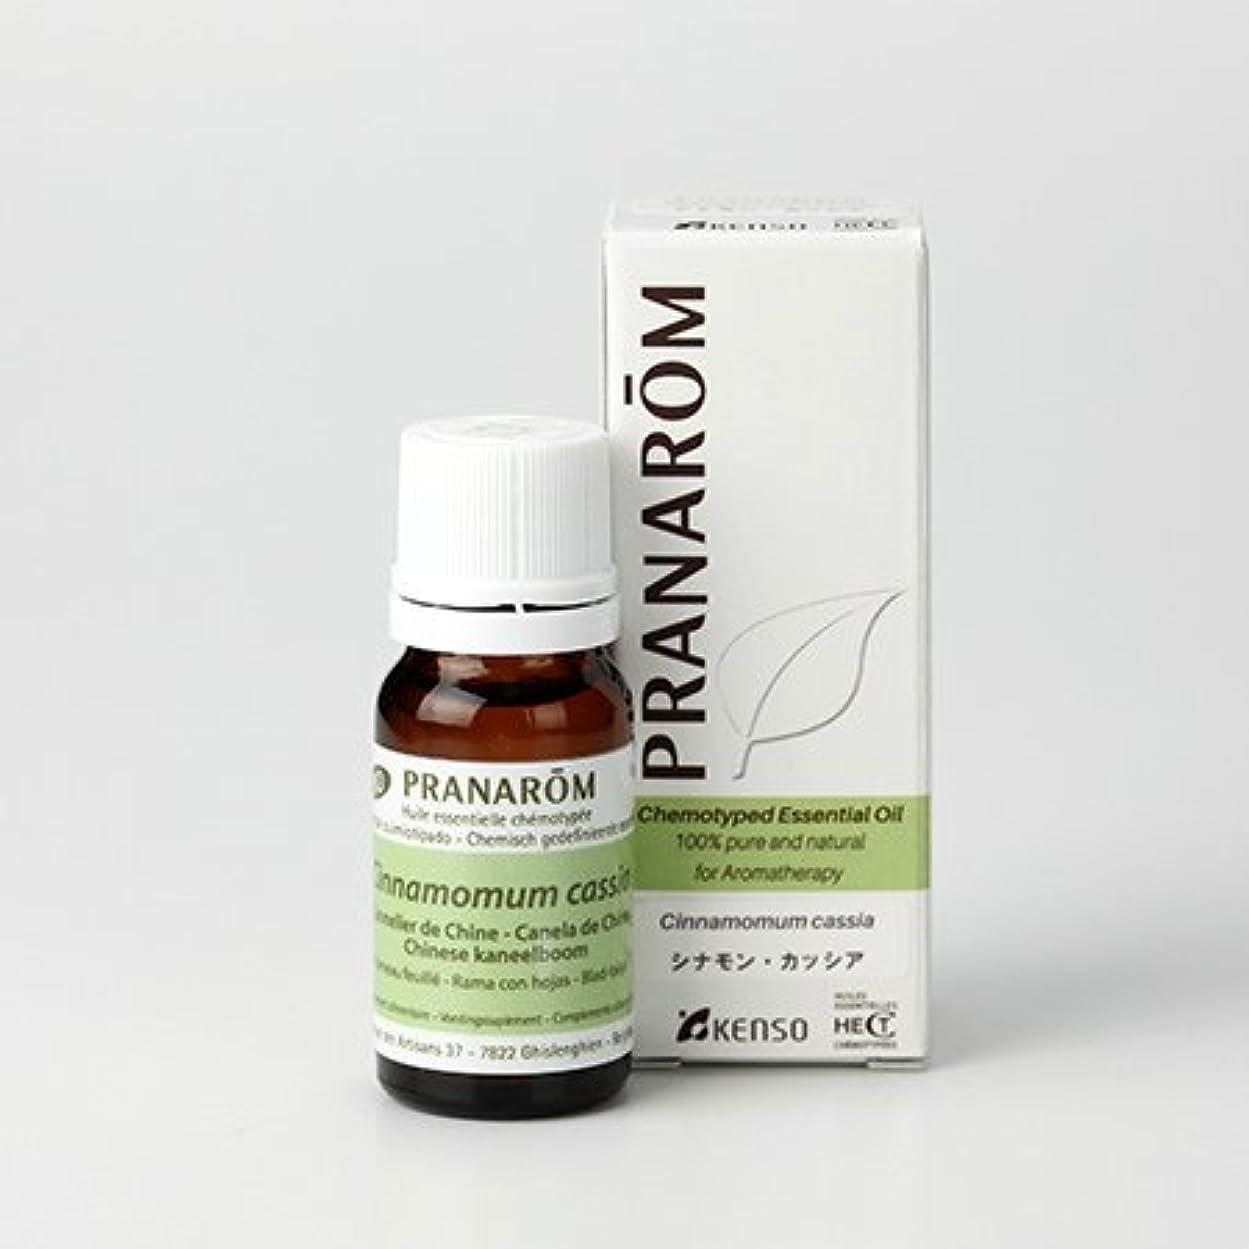 変成器アレルギー土プラナロム シナモンカッシア 10ml (PRANAROM ケモタイプ精油)